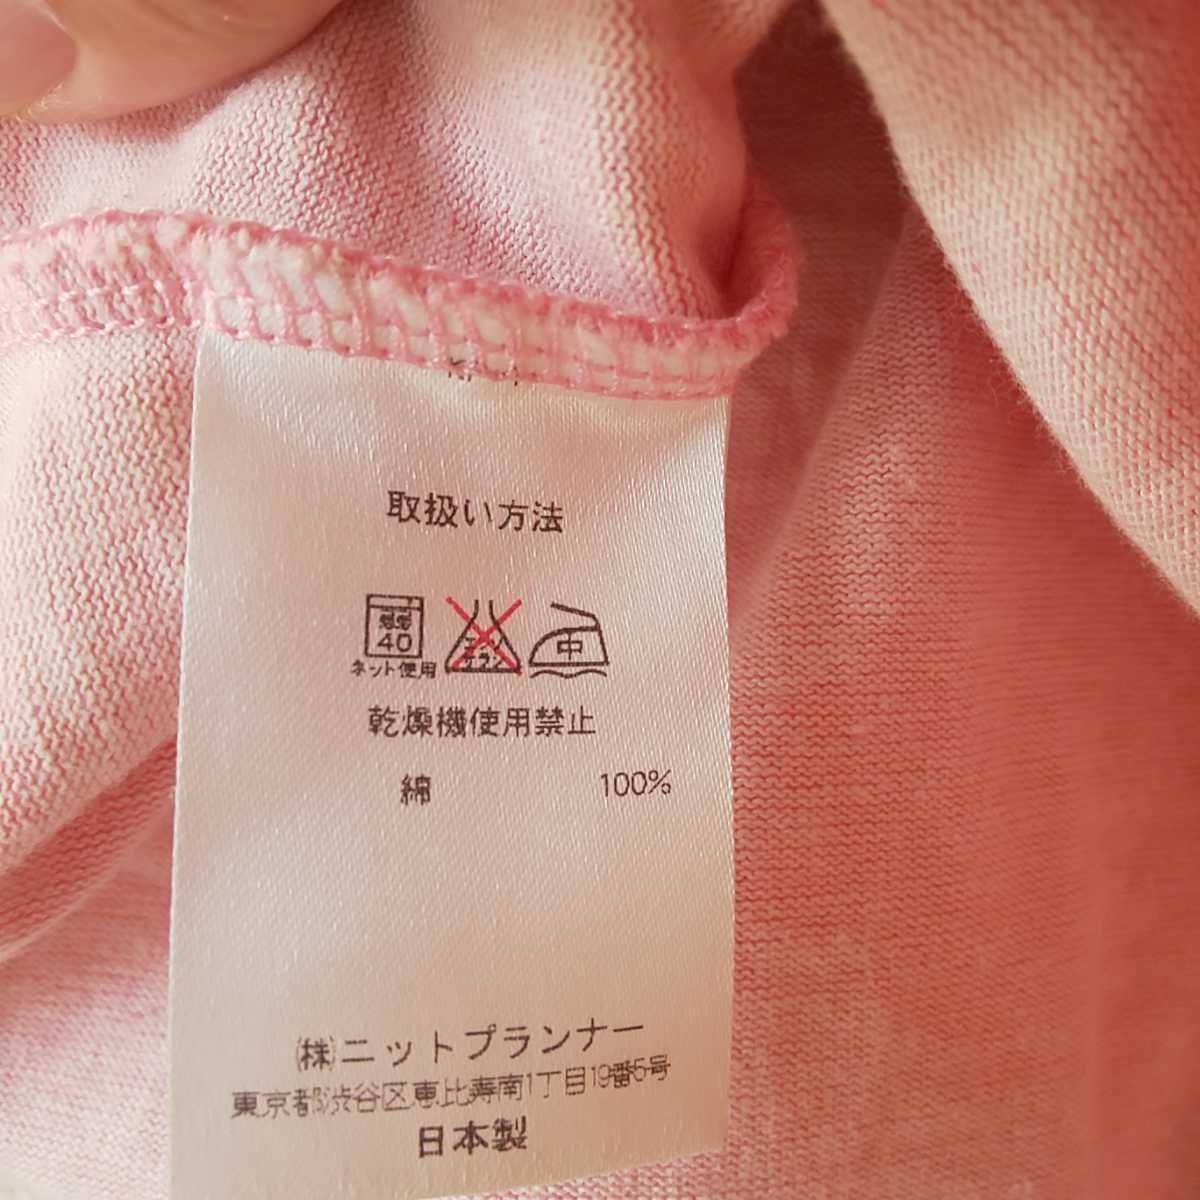 1円スタート! 70cm KP タンクトップ ノースリーブ ベビー服 キッズ 女の子 夏物 服 ピンク リメイク素材 yuzu10sogo03 _画像5